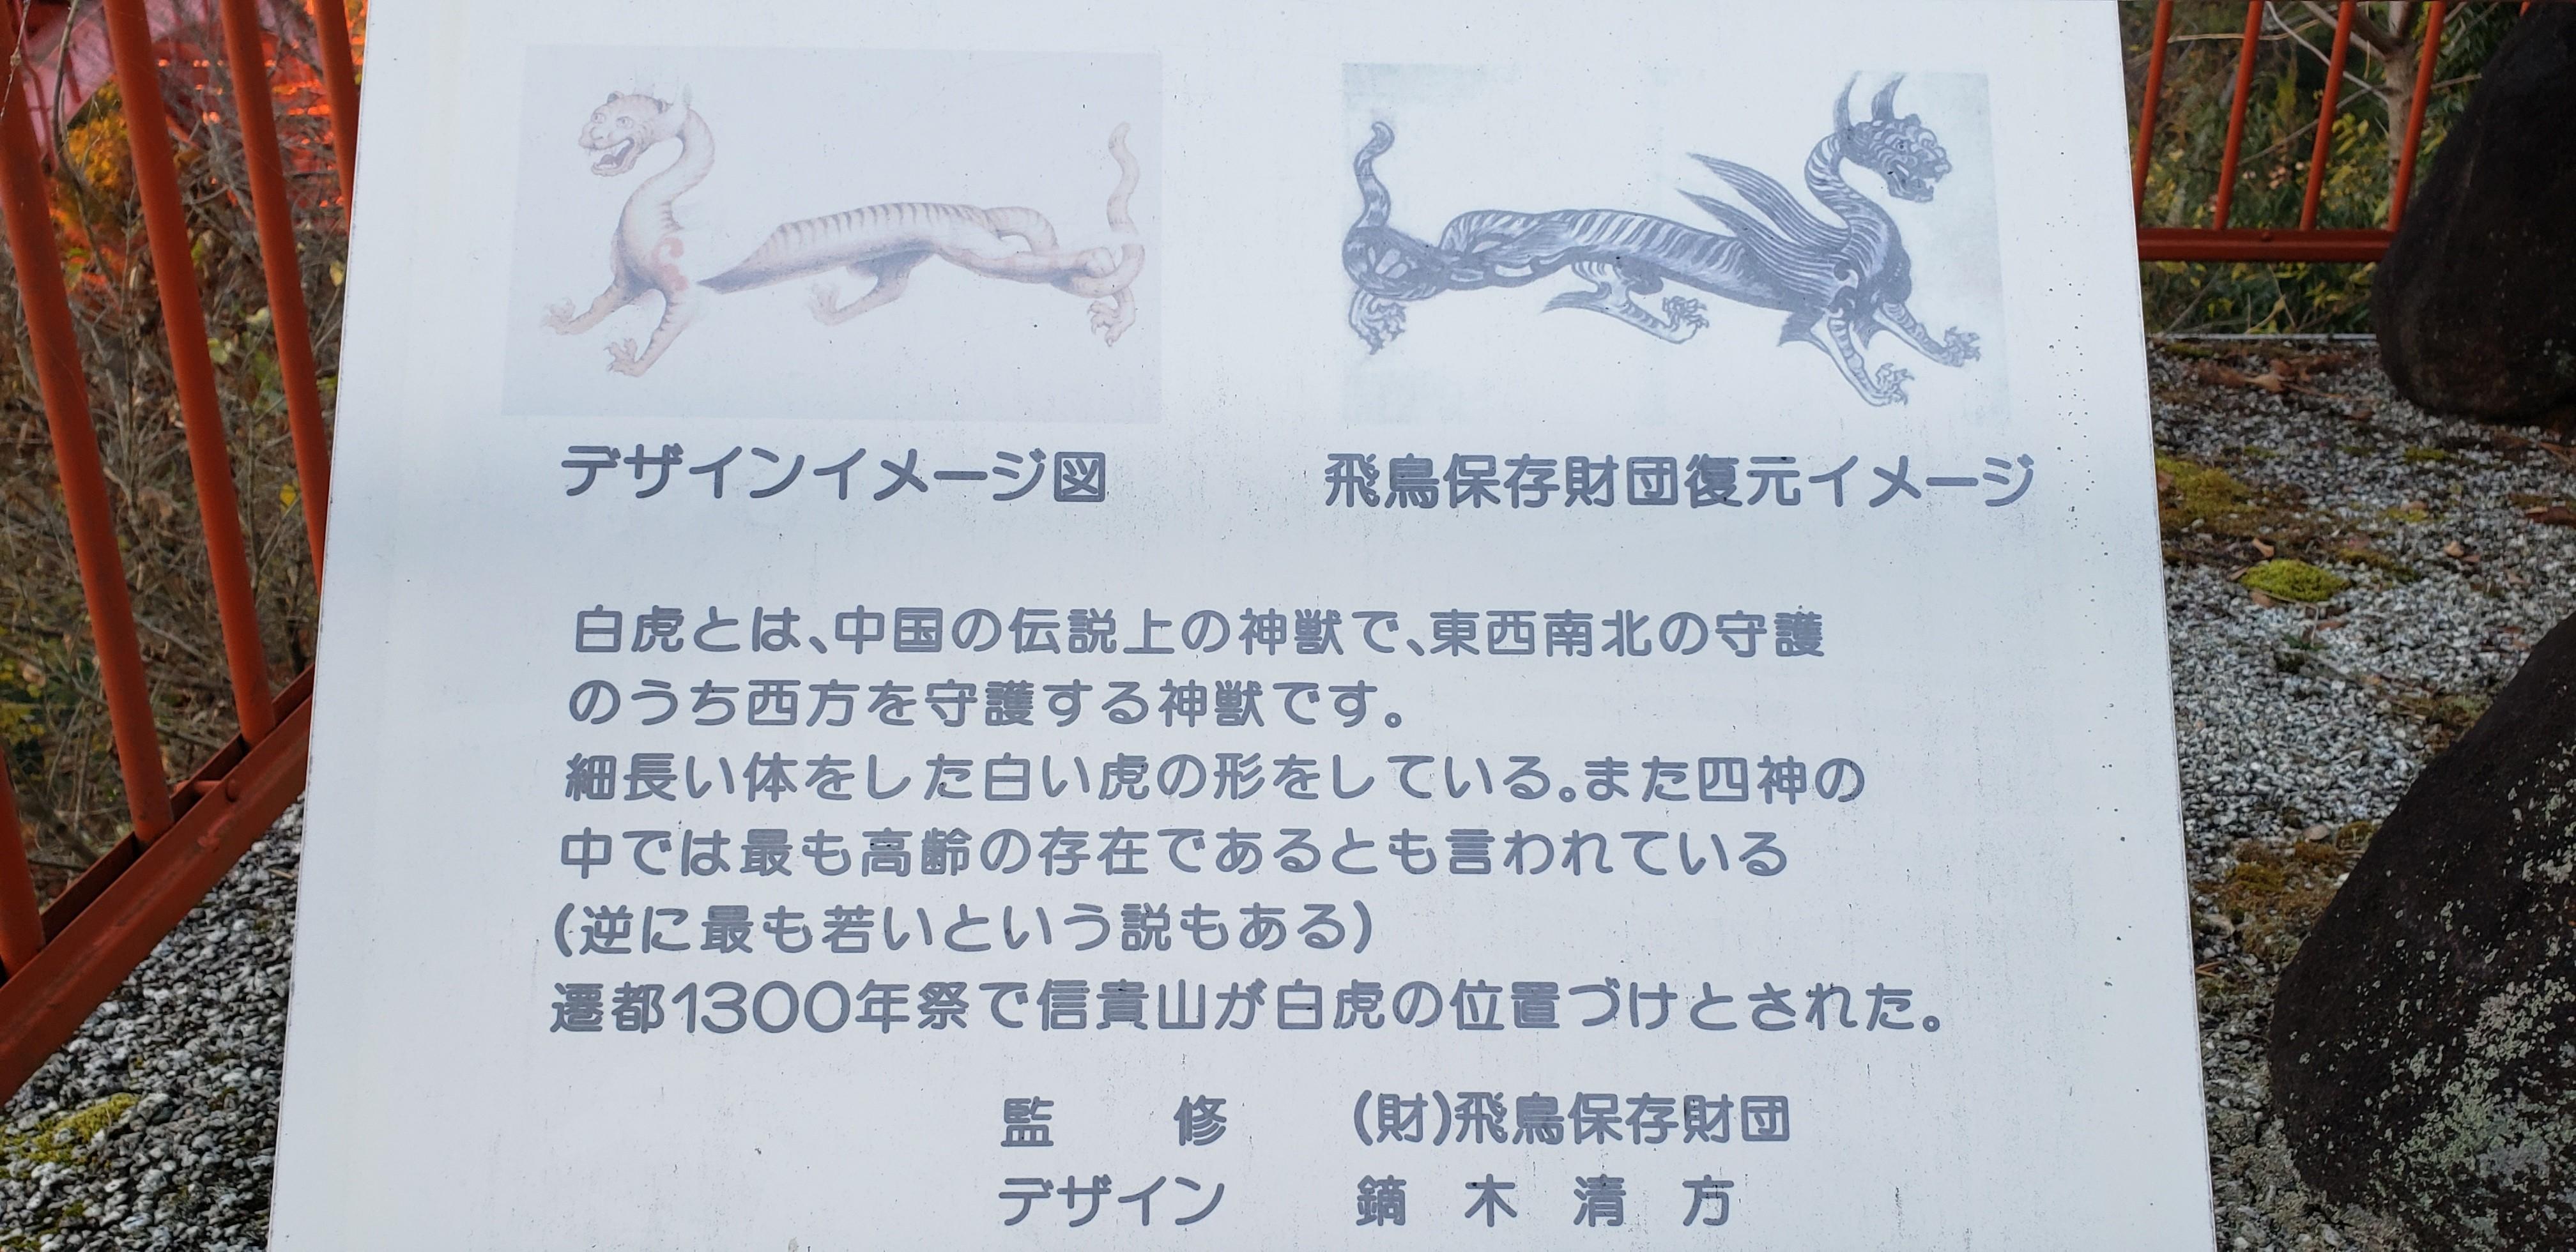 f:id:peasandcarrots:20201215122941j:plain:w400